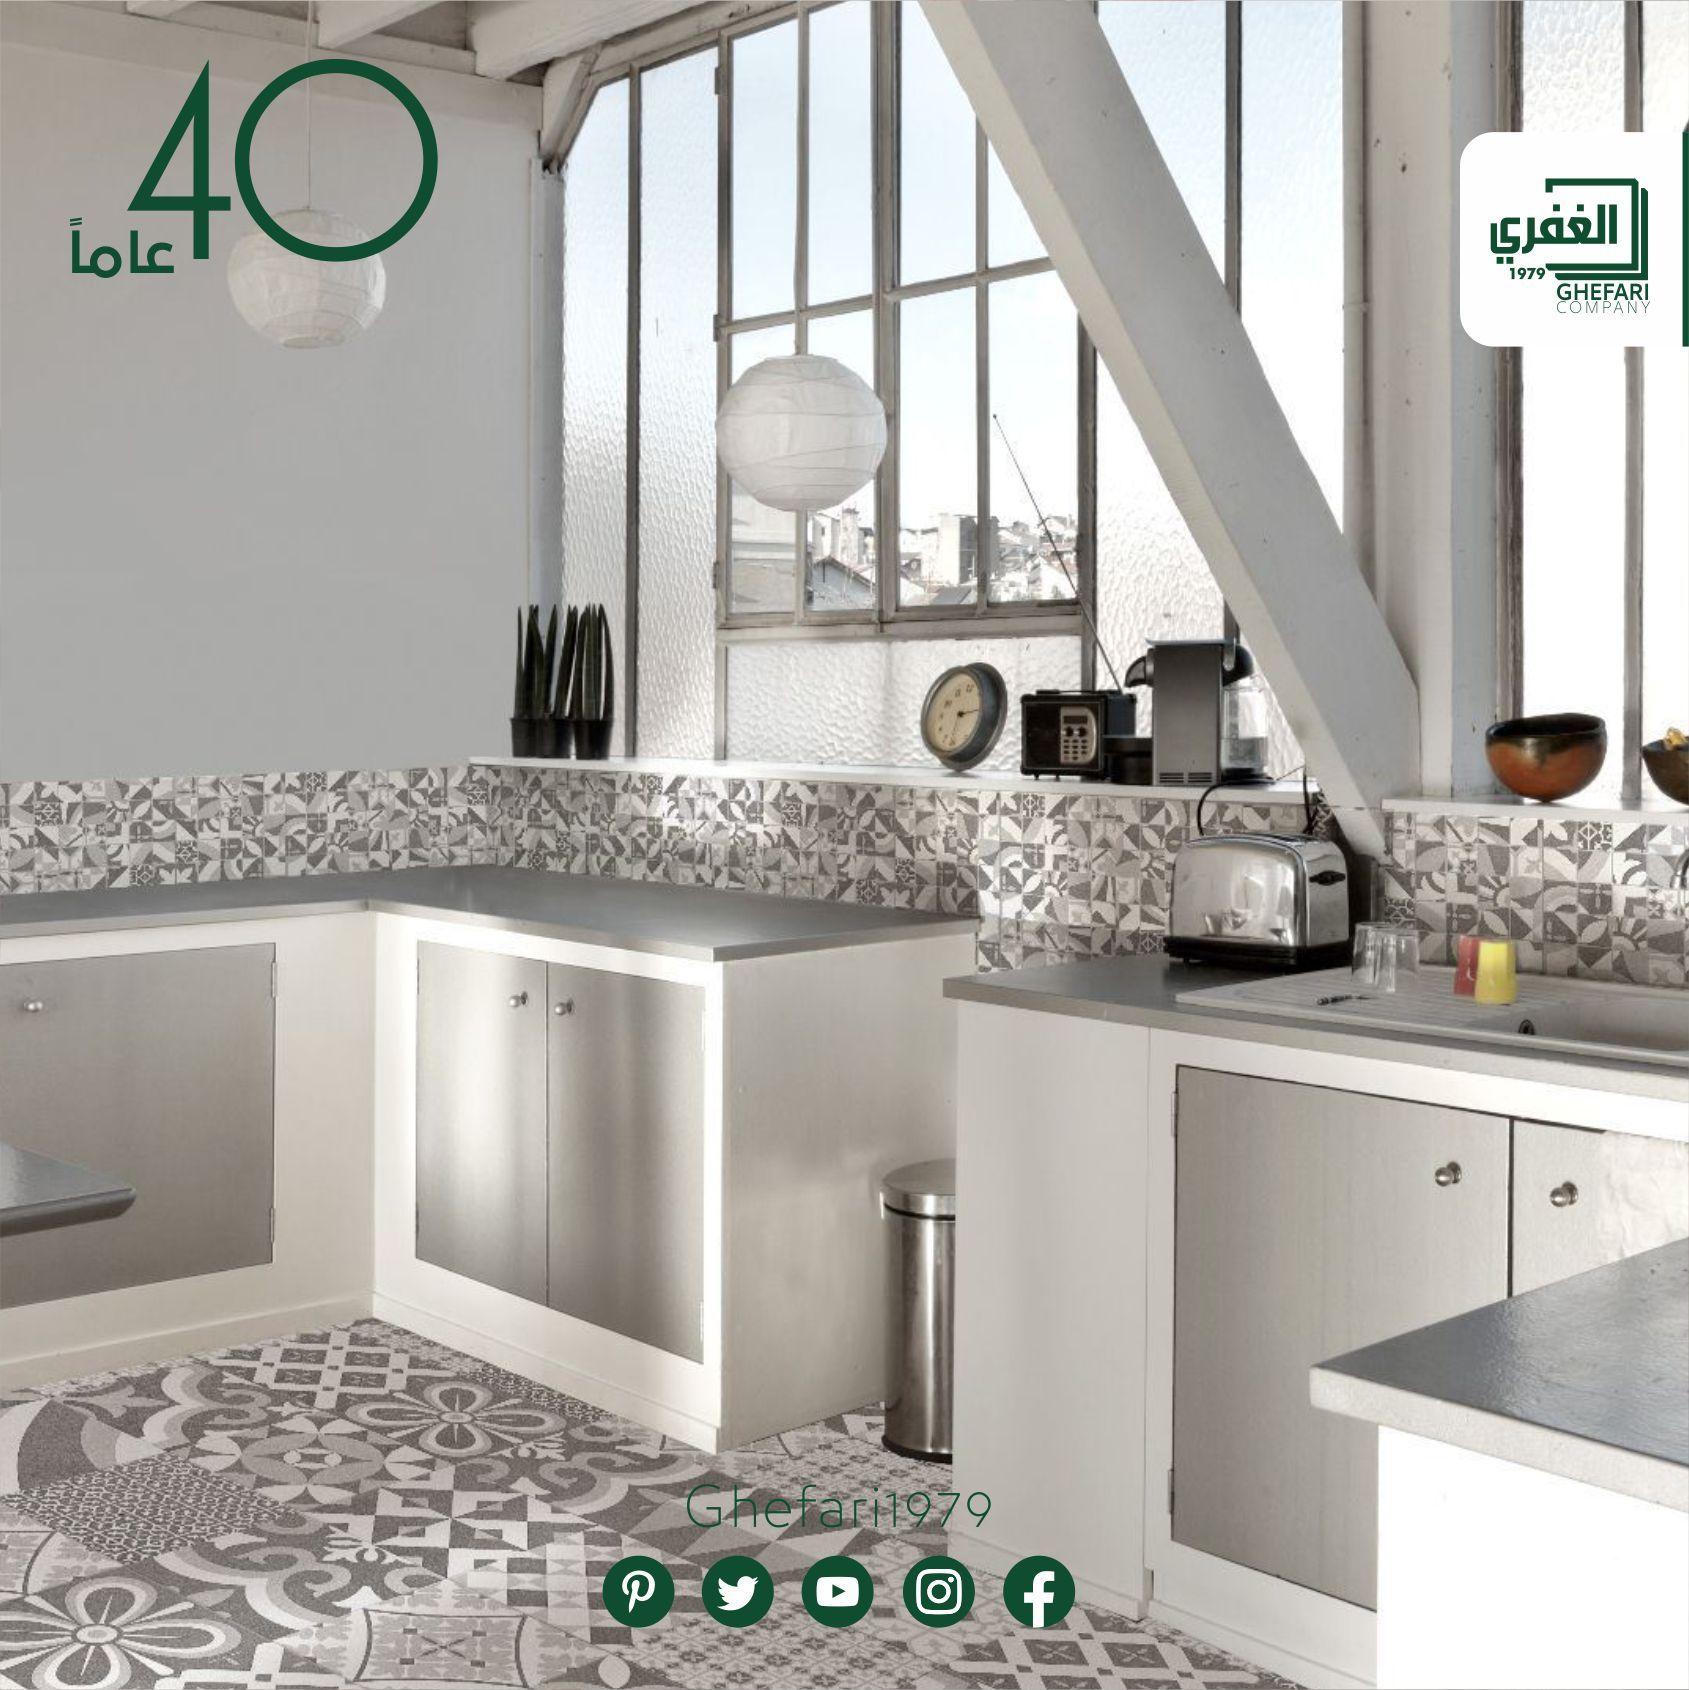 بورسلان أرضي حوائط حمامات مطبخ مقاس 23 5x23 5 اسباني الصنع موديلات 2020 2019 للمزيد زورونا على موقع الشركة Www Ghefa Home Decor Decor Furniture